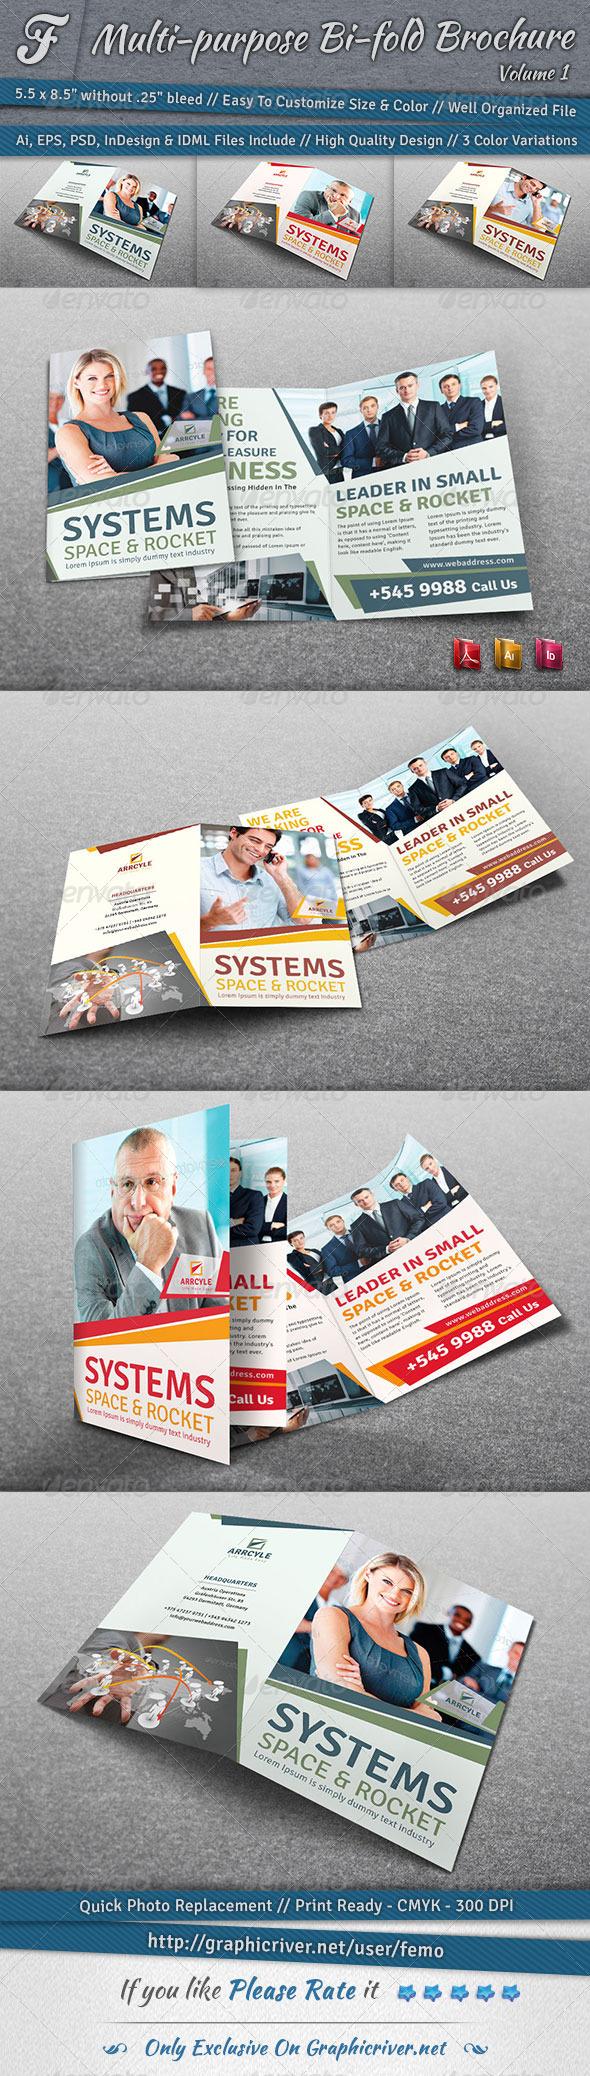 GraphicRiver Multi-purpose Bi-fold Brochure Volume 1 6921016